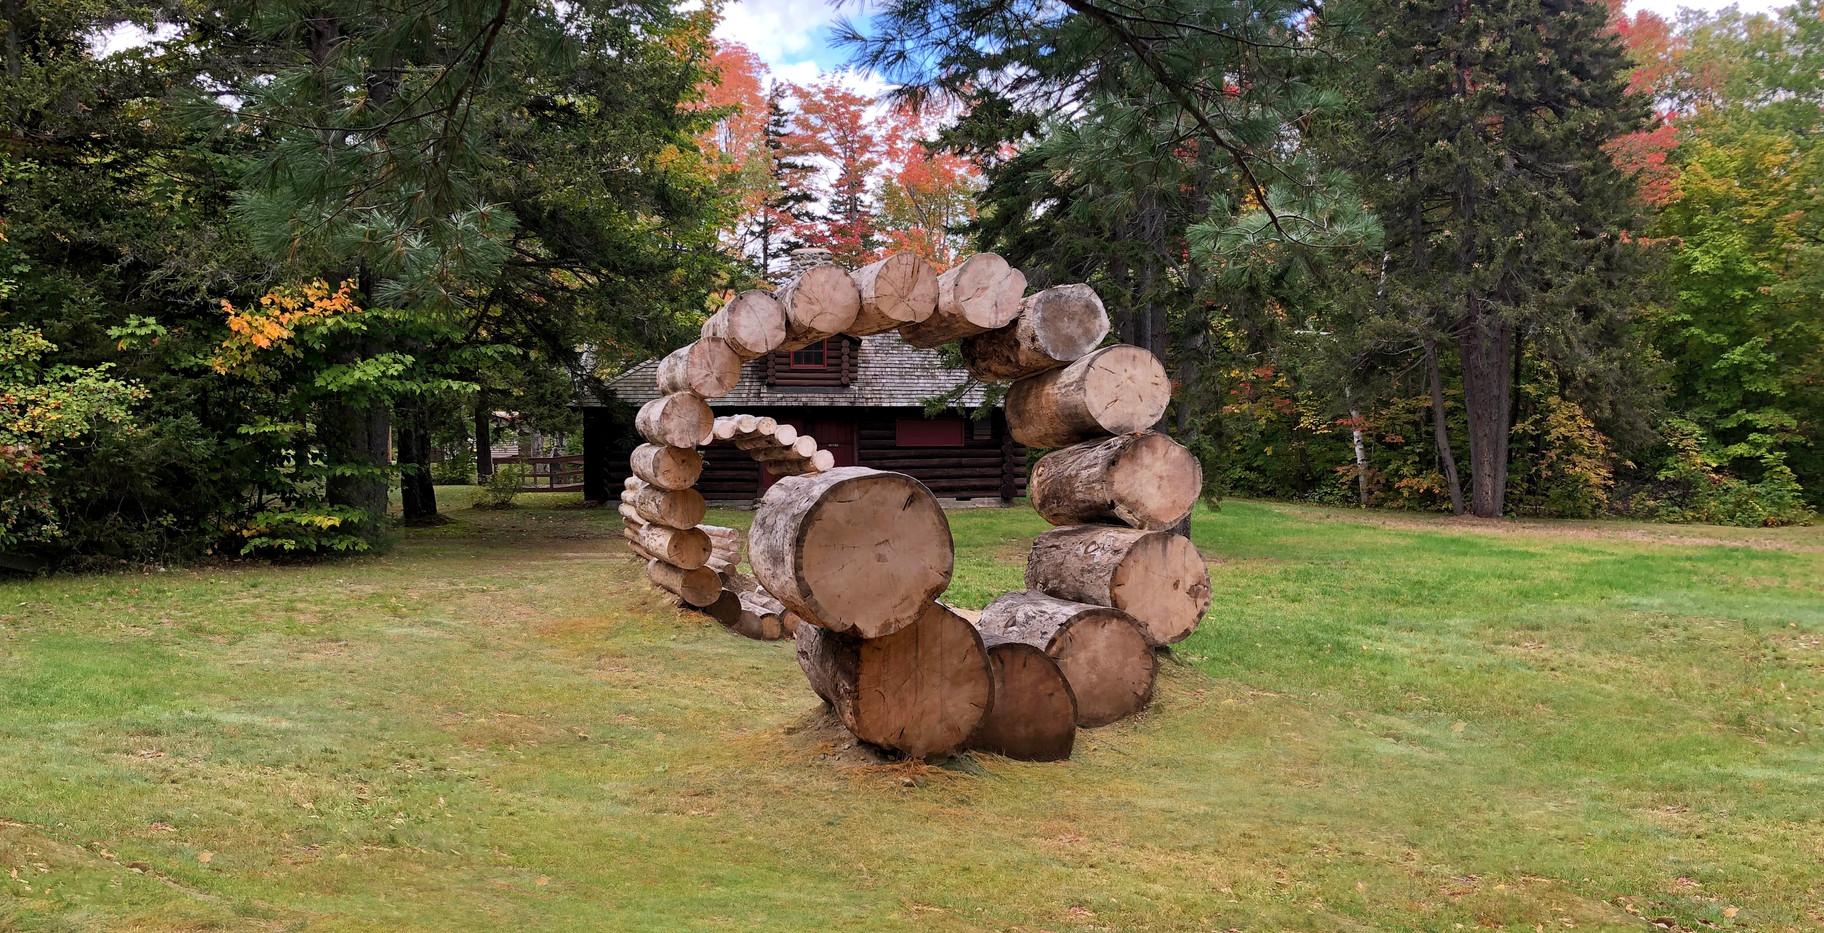 QuinnMorrissetteStudio_CentennialSculptu